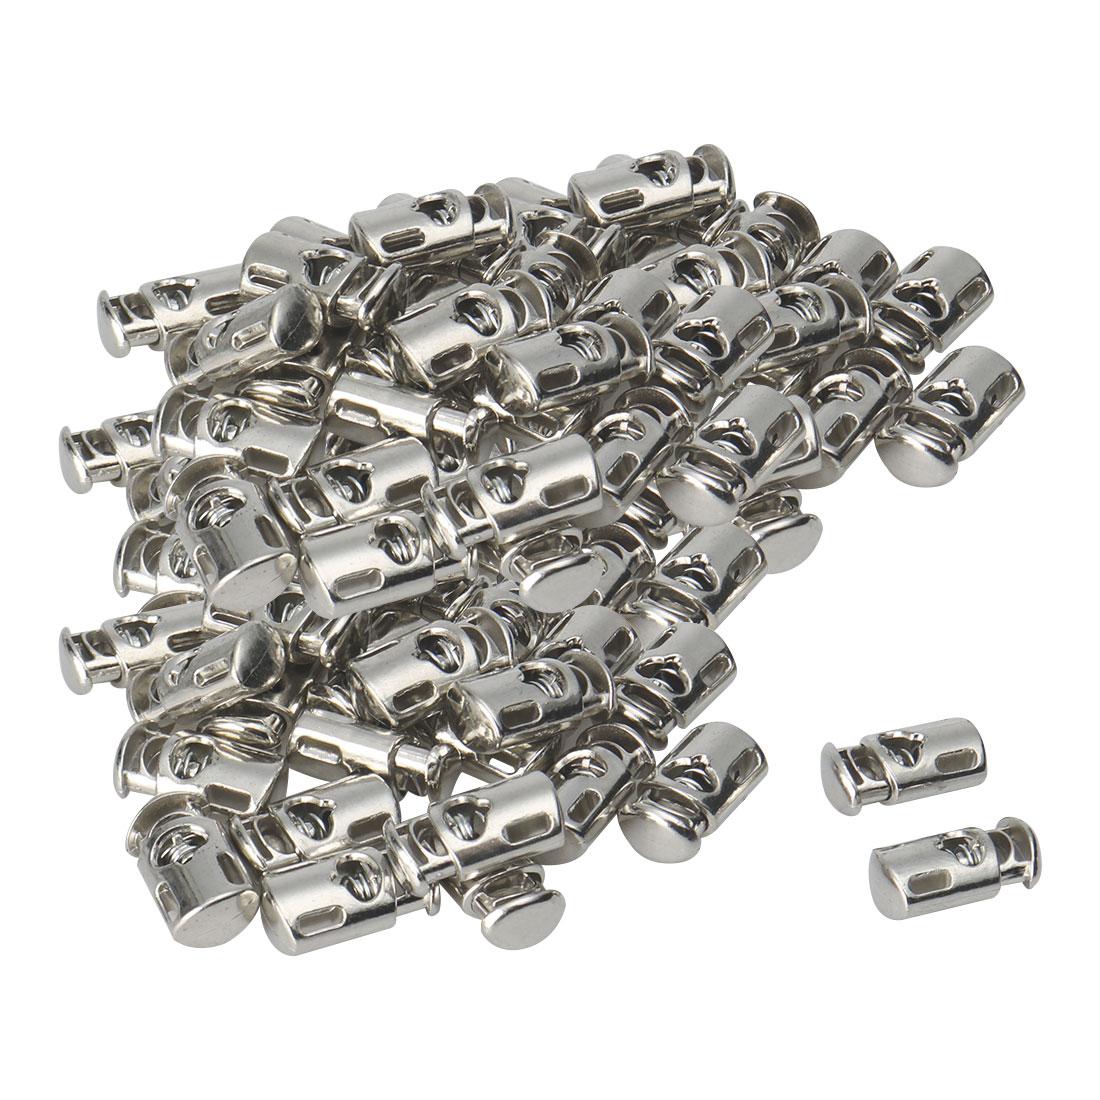 50pcs Plastic Cord Lock Stopper Spring Toggle Fastener Organizer Silver Tone